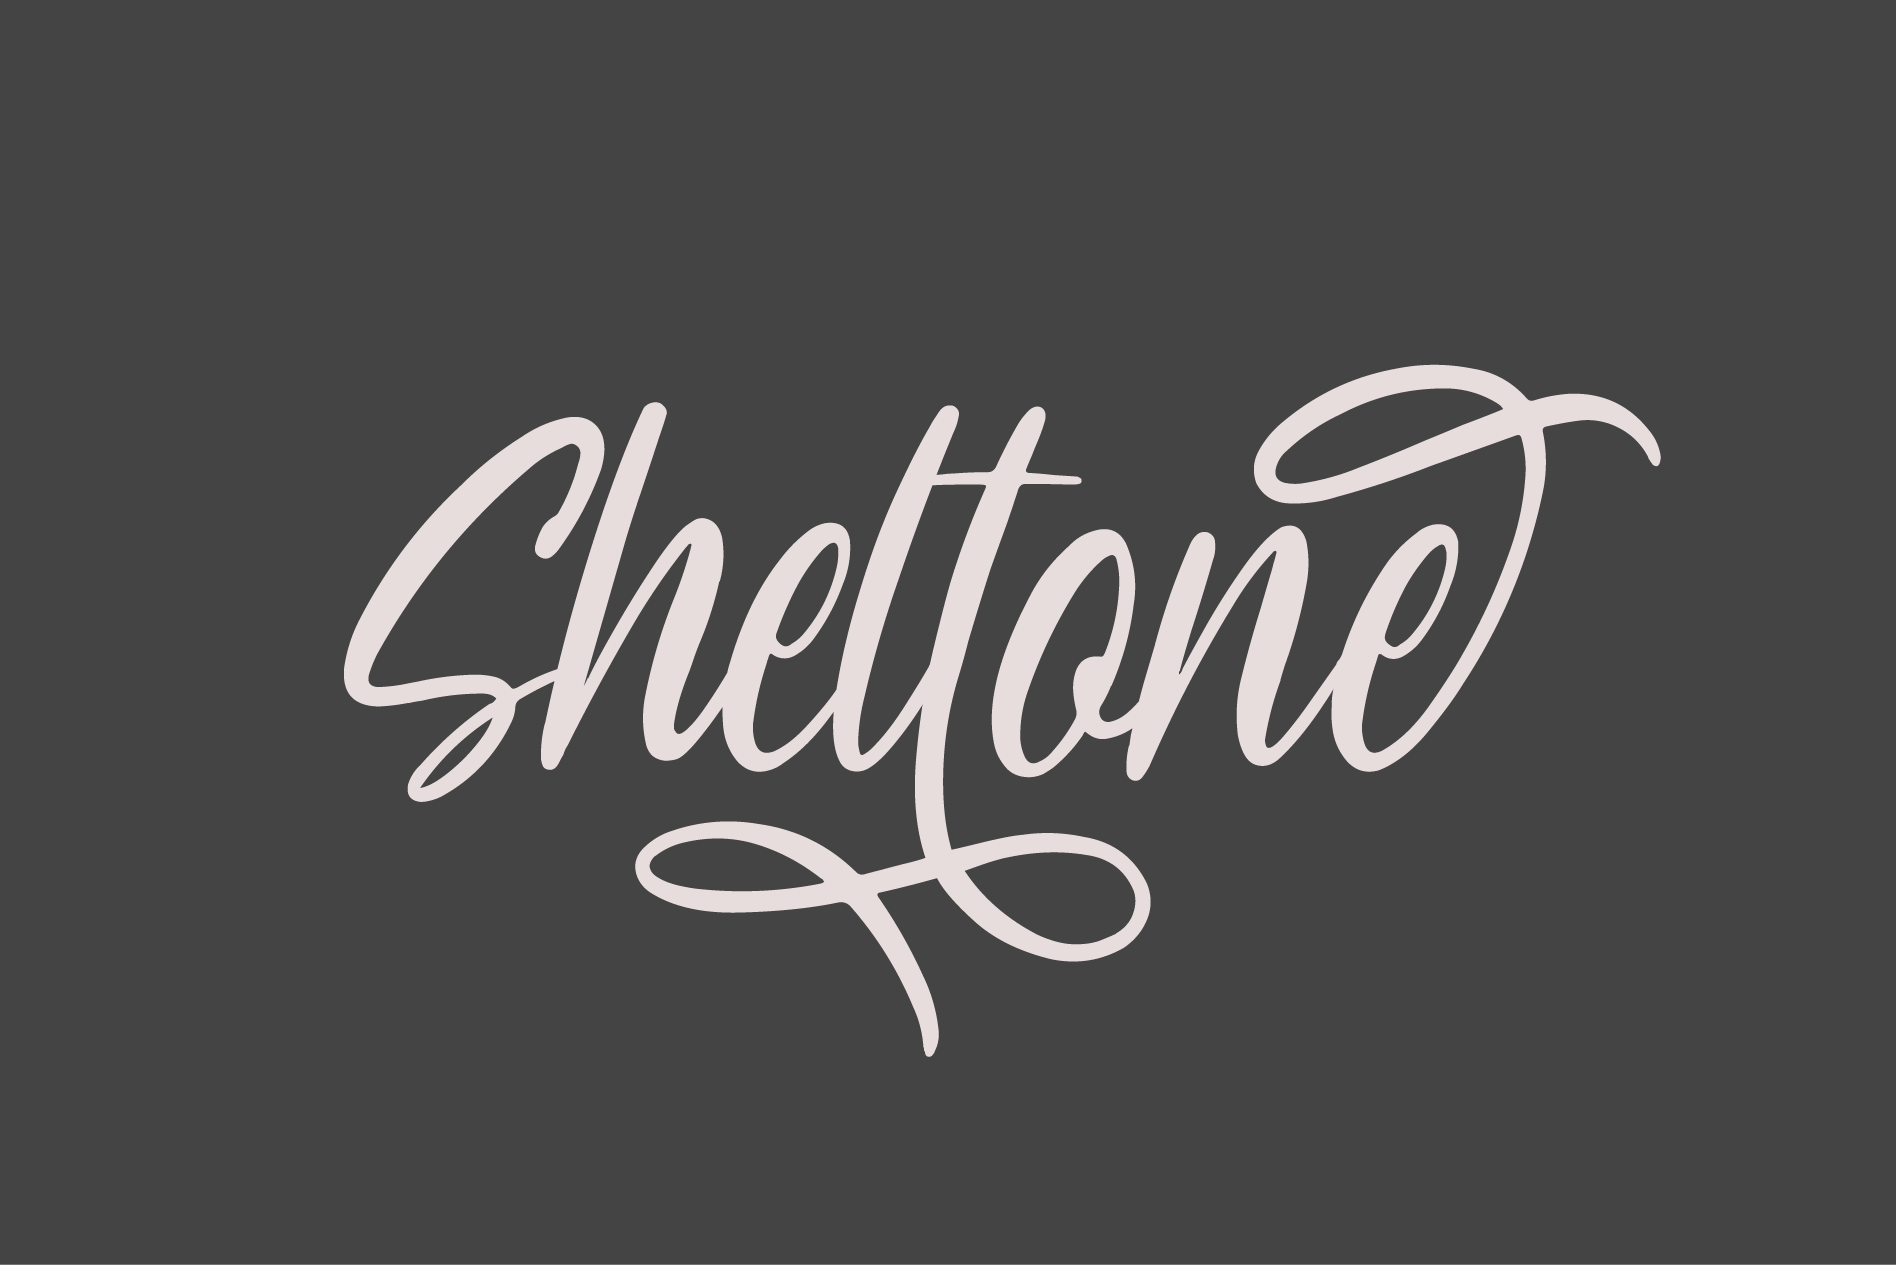 Sheltone - Modern Calligraphy Font example image 10